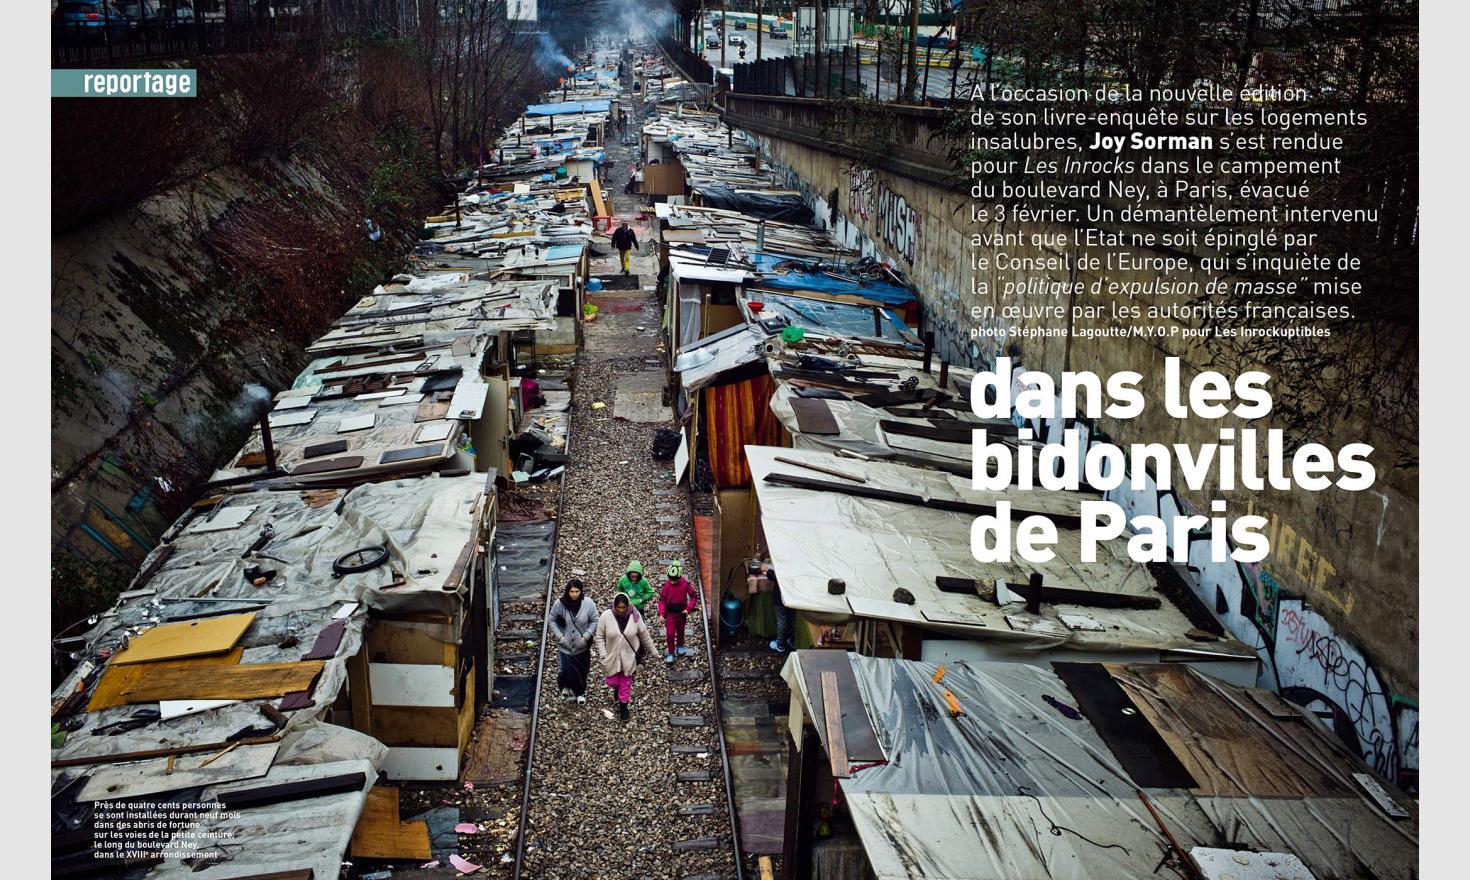 Dans les bidonvilles de Paris